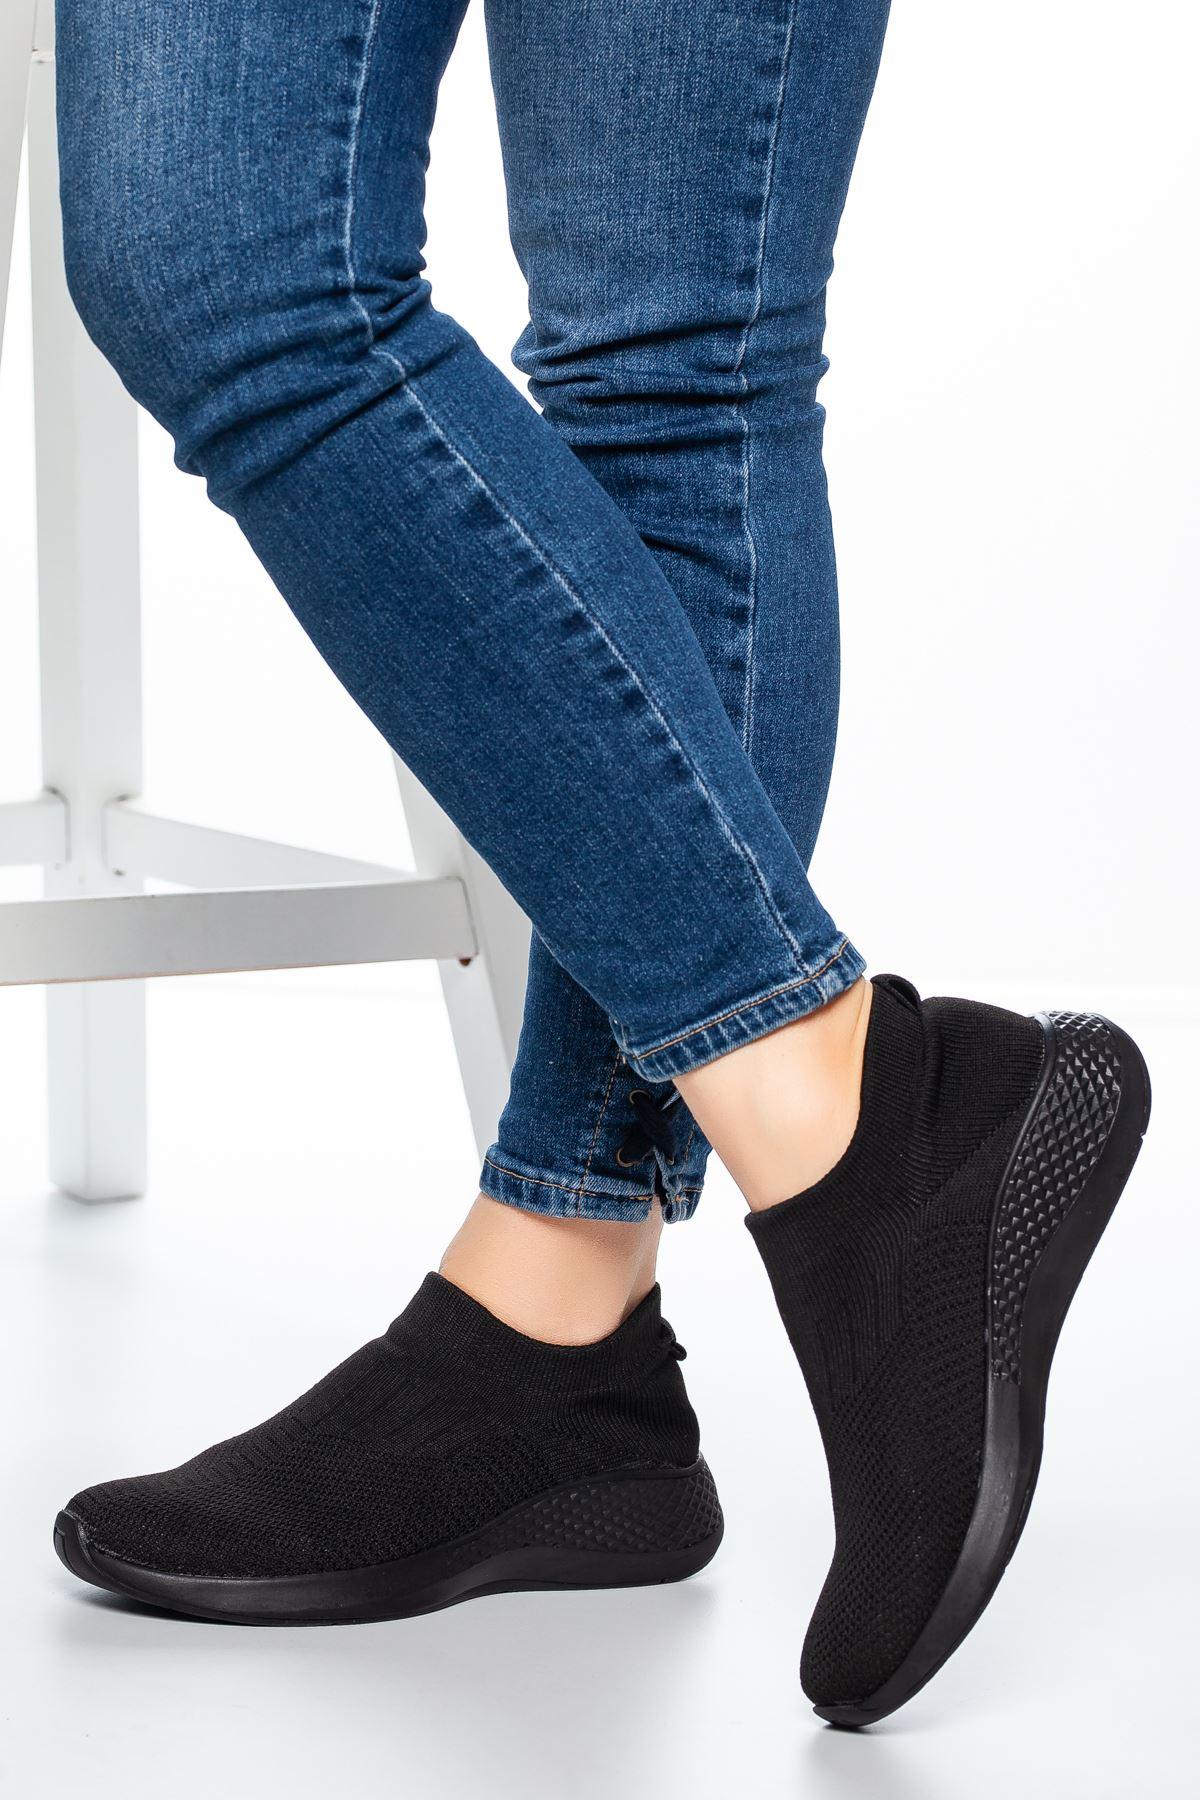 Nolan Lastikli Çorap Spor Siyah